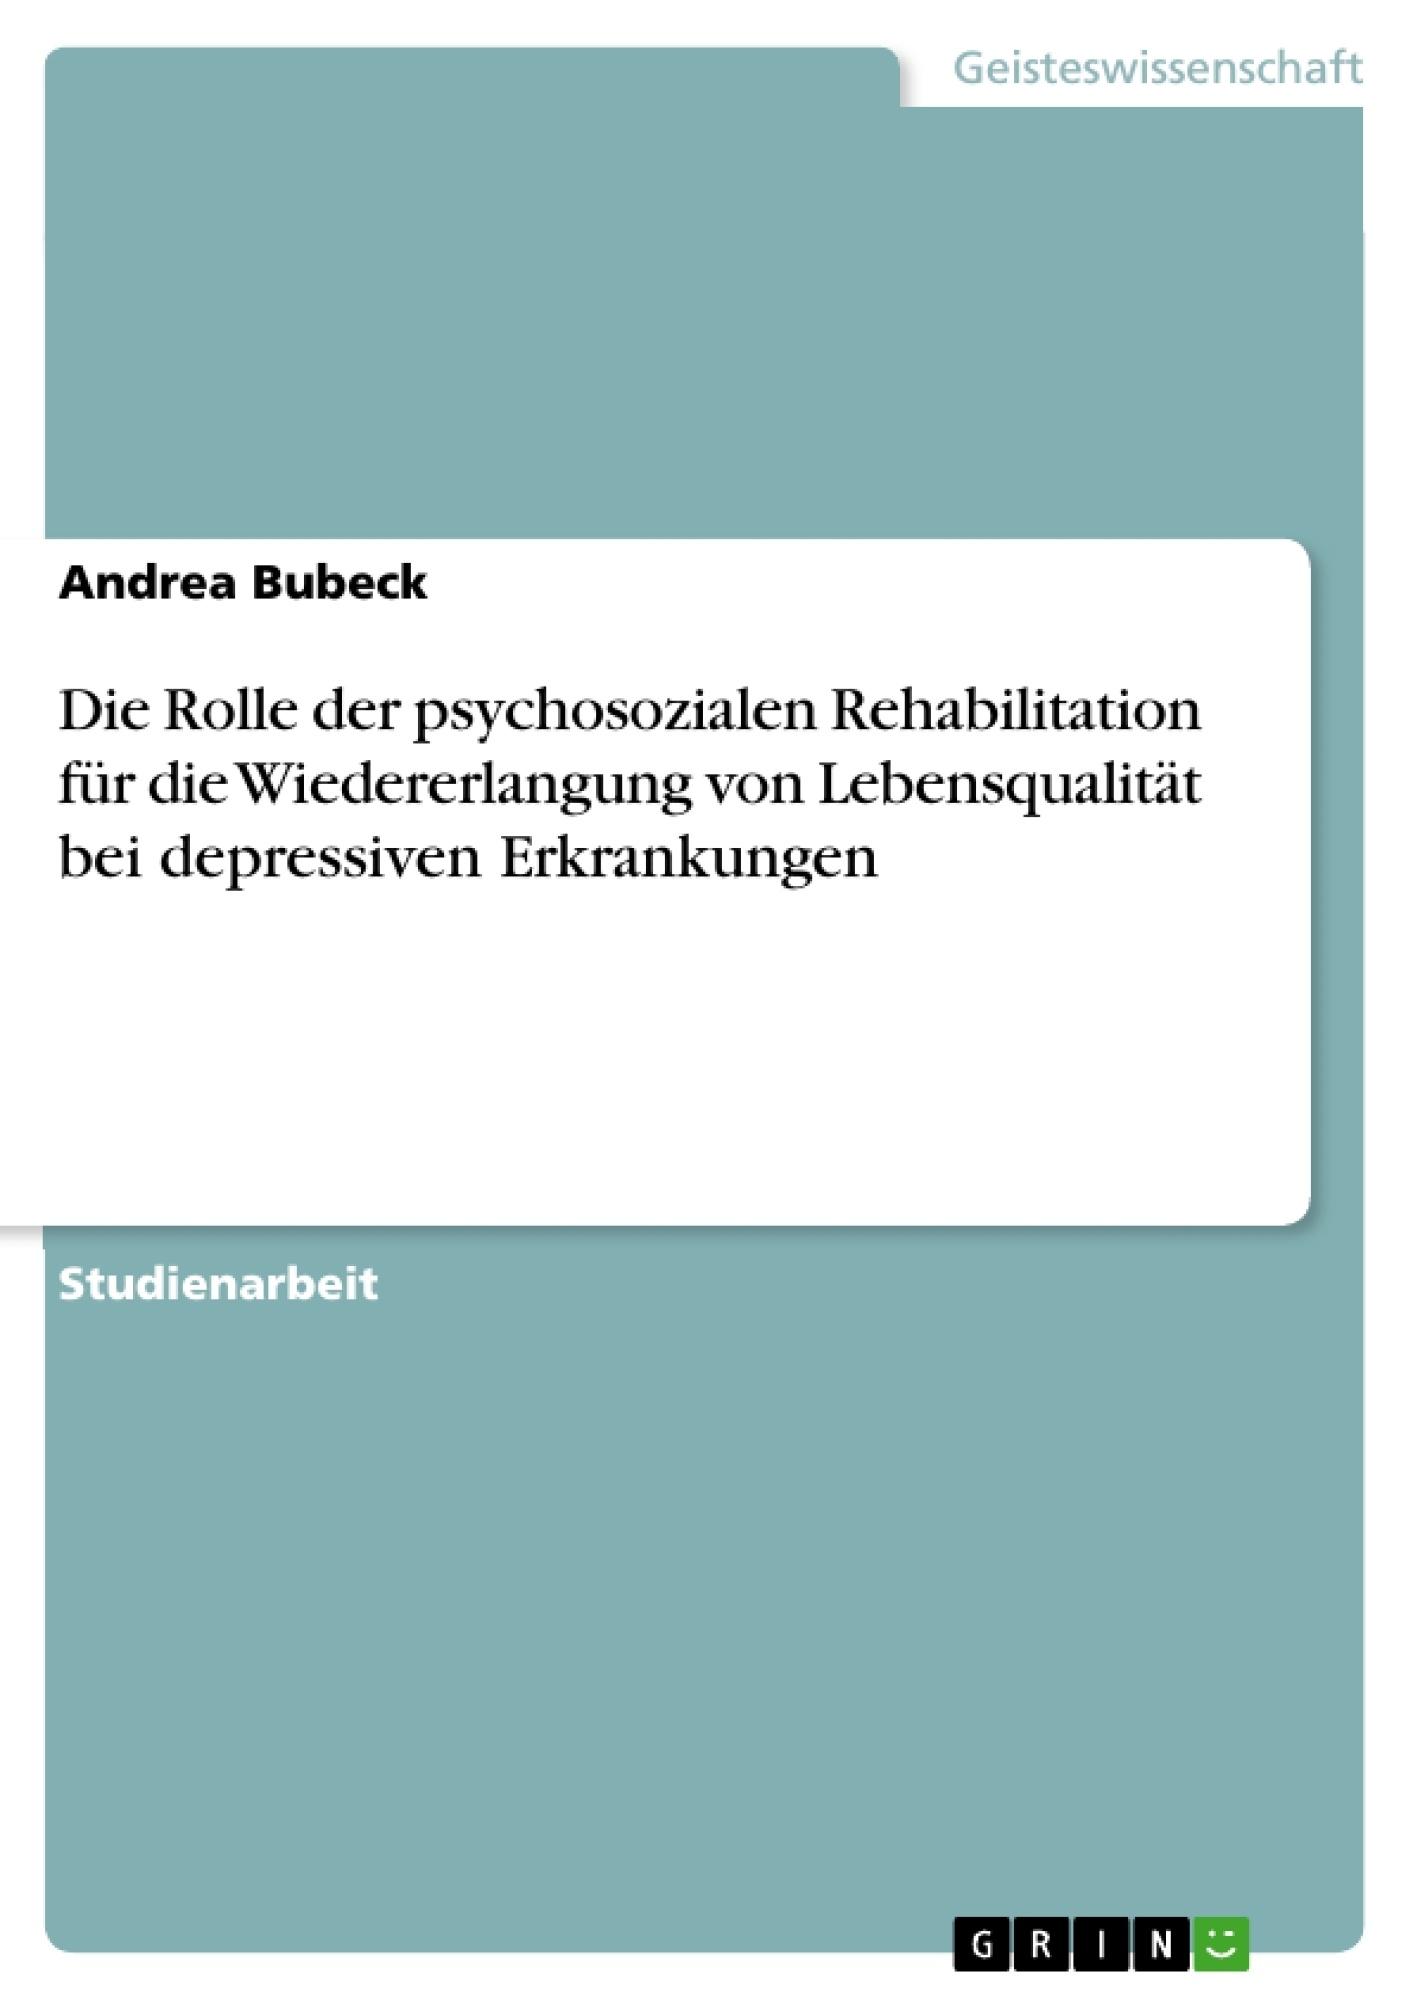 Titel: Die Rolle der psychosozialen Rehabilitation für die Wiedererlangung von Lebensqualität bei depressiven Erkrankungen